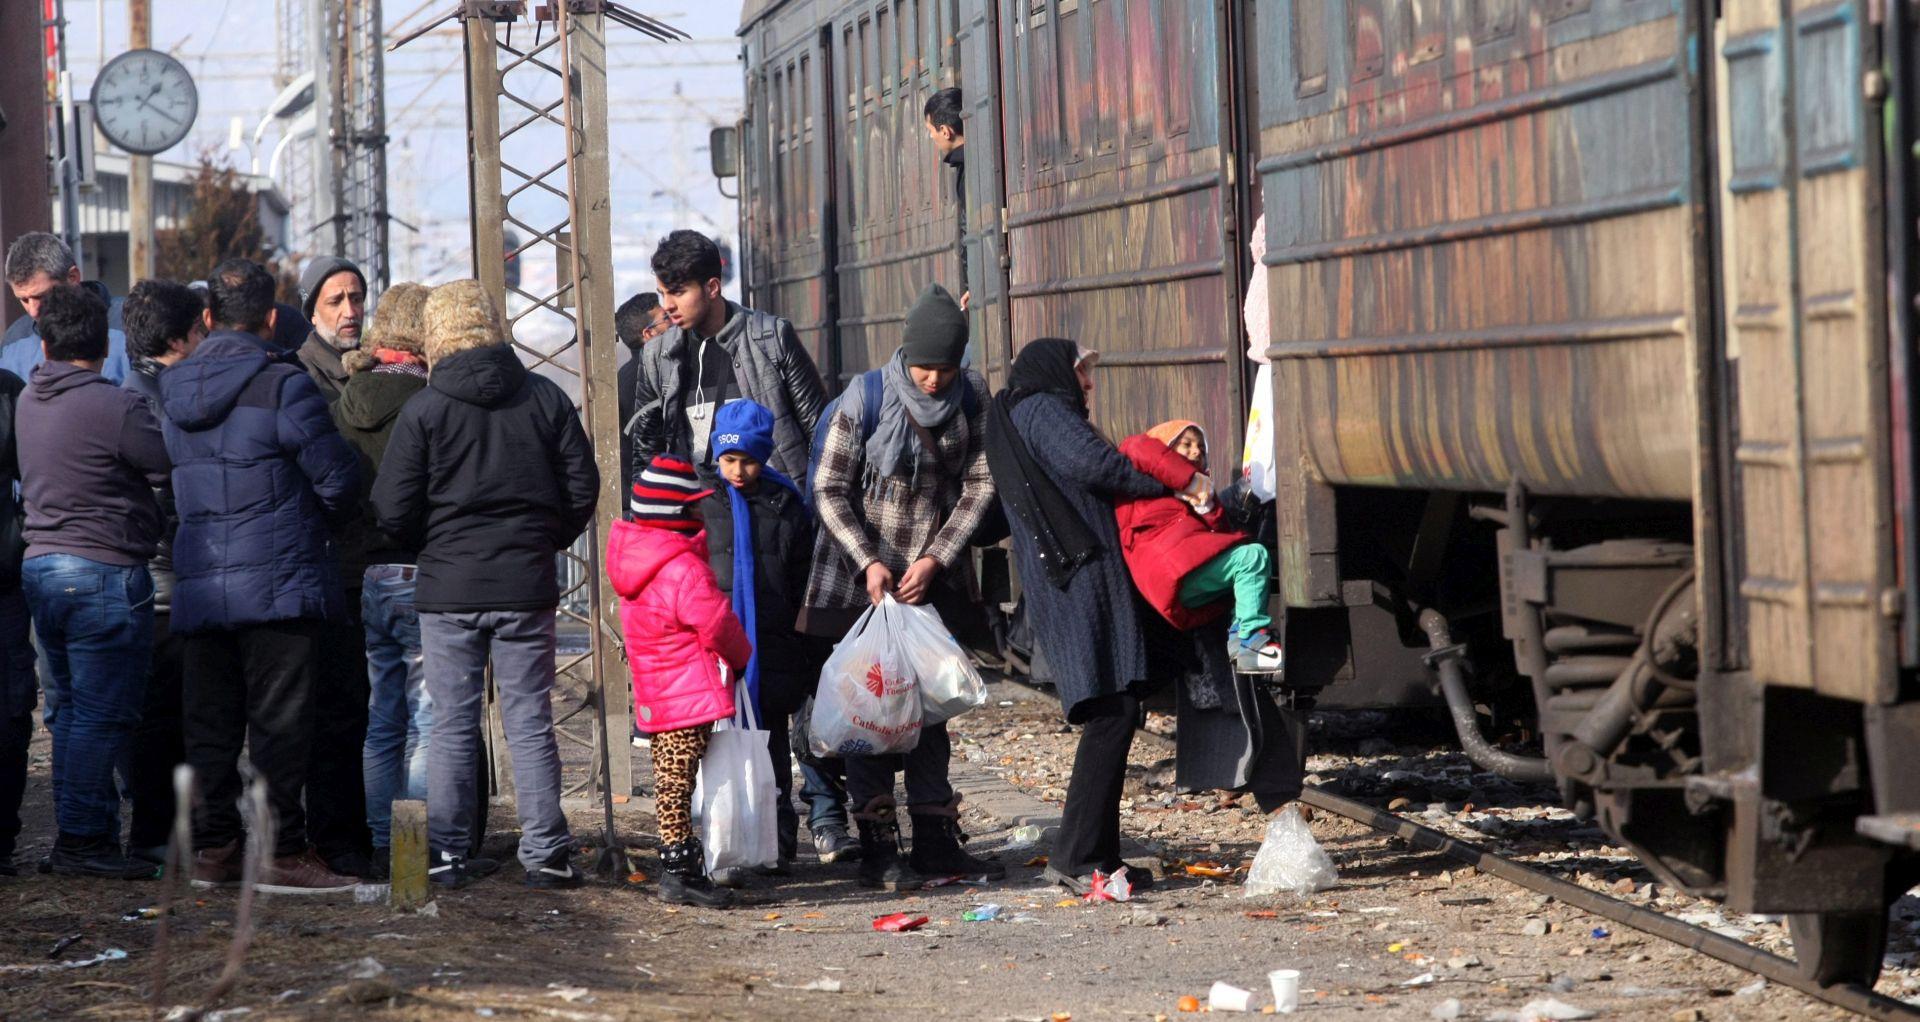 Njemačka vlada ne želi ni čuti za korištenje oružja protiv migranata